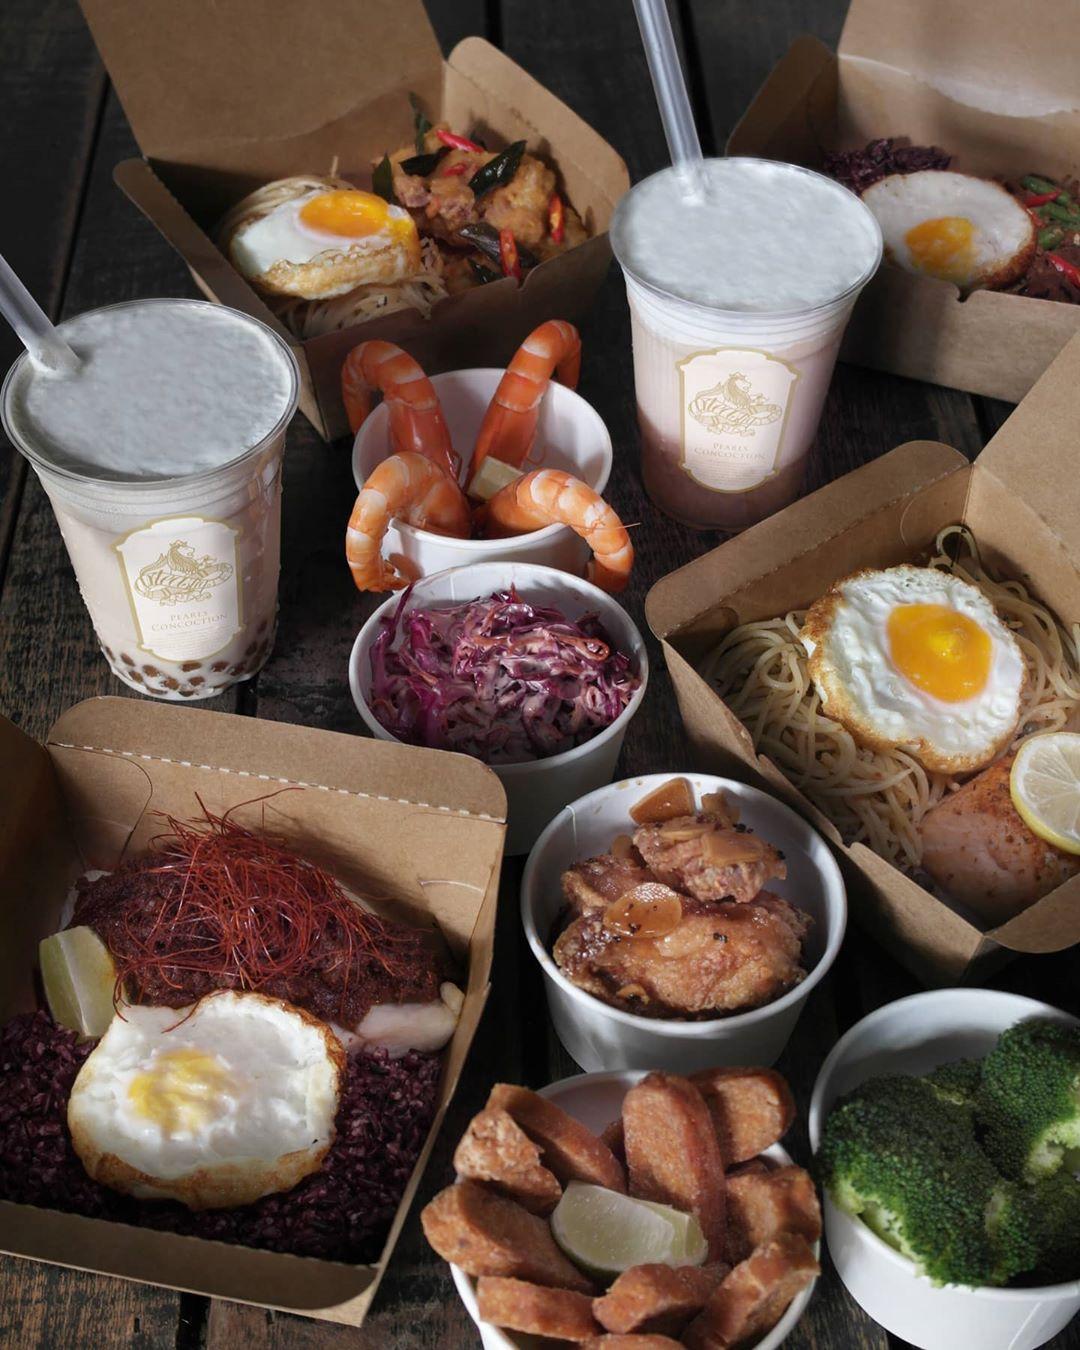 Cafe delivery tea set